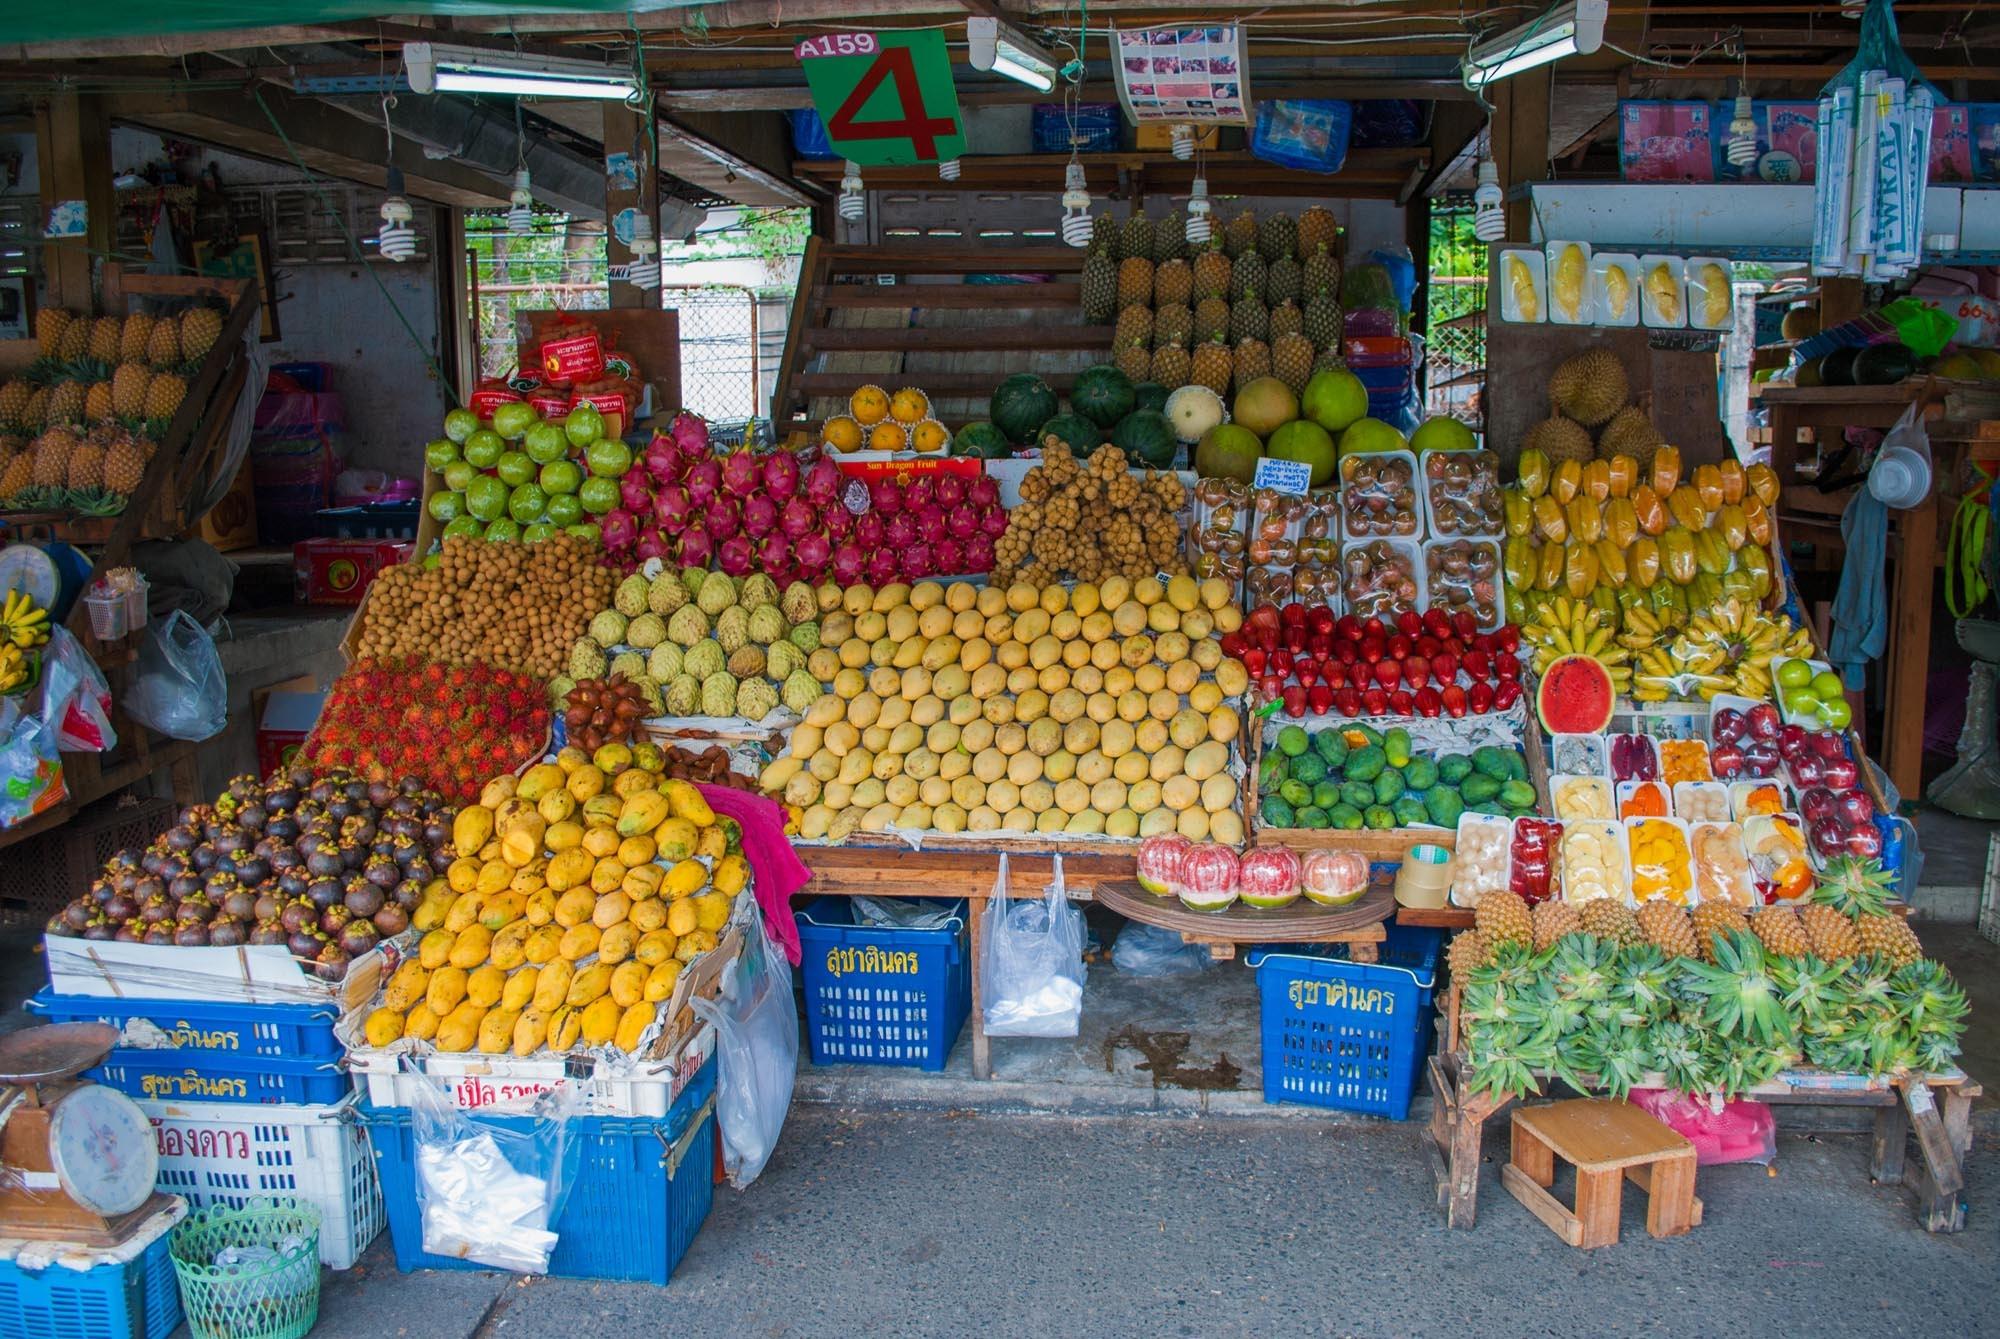 Фруктовый рынок возле Mike Shopping Mall в Паттайе